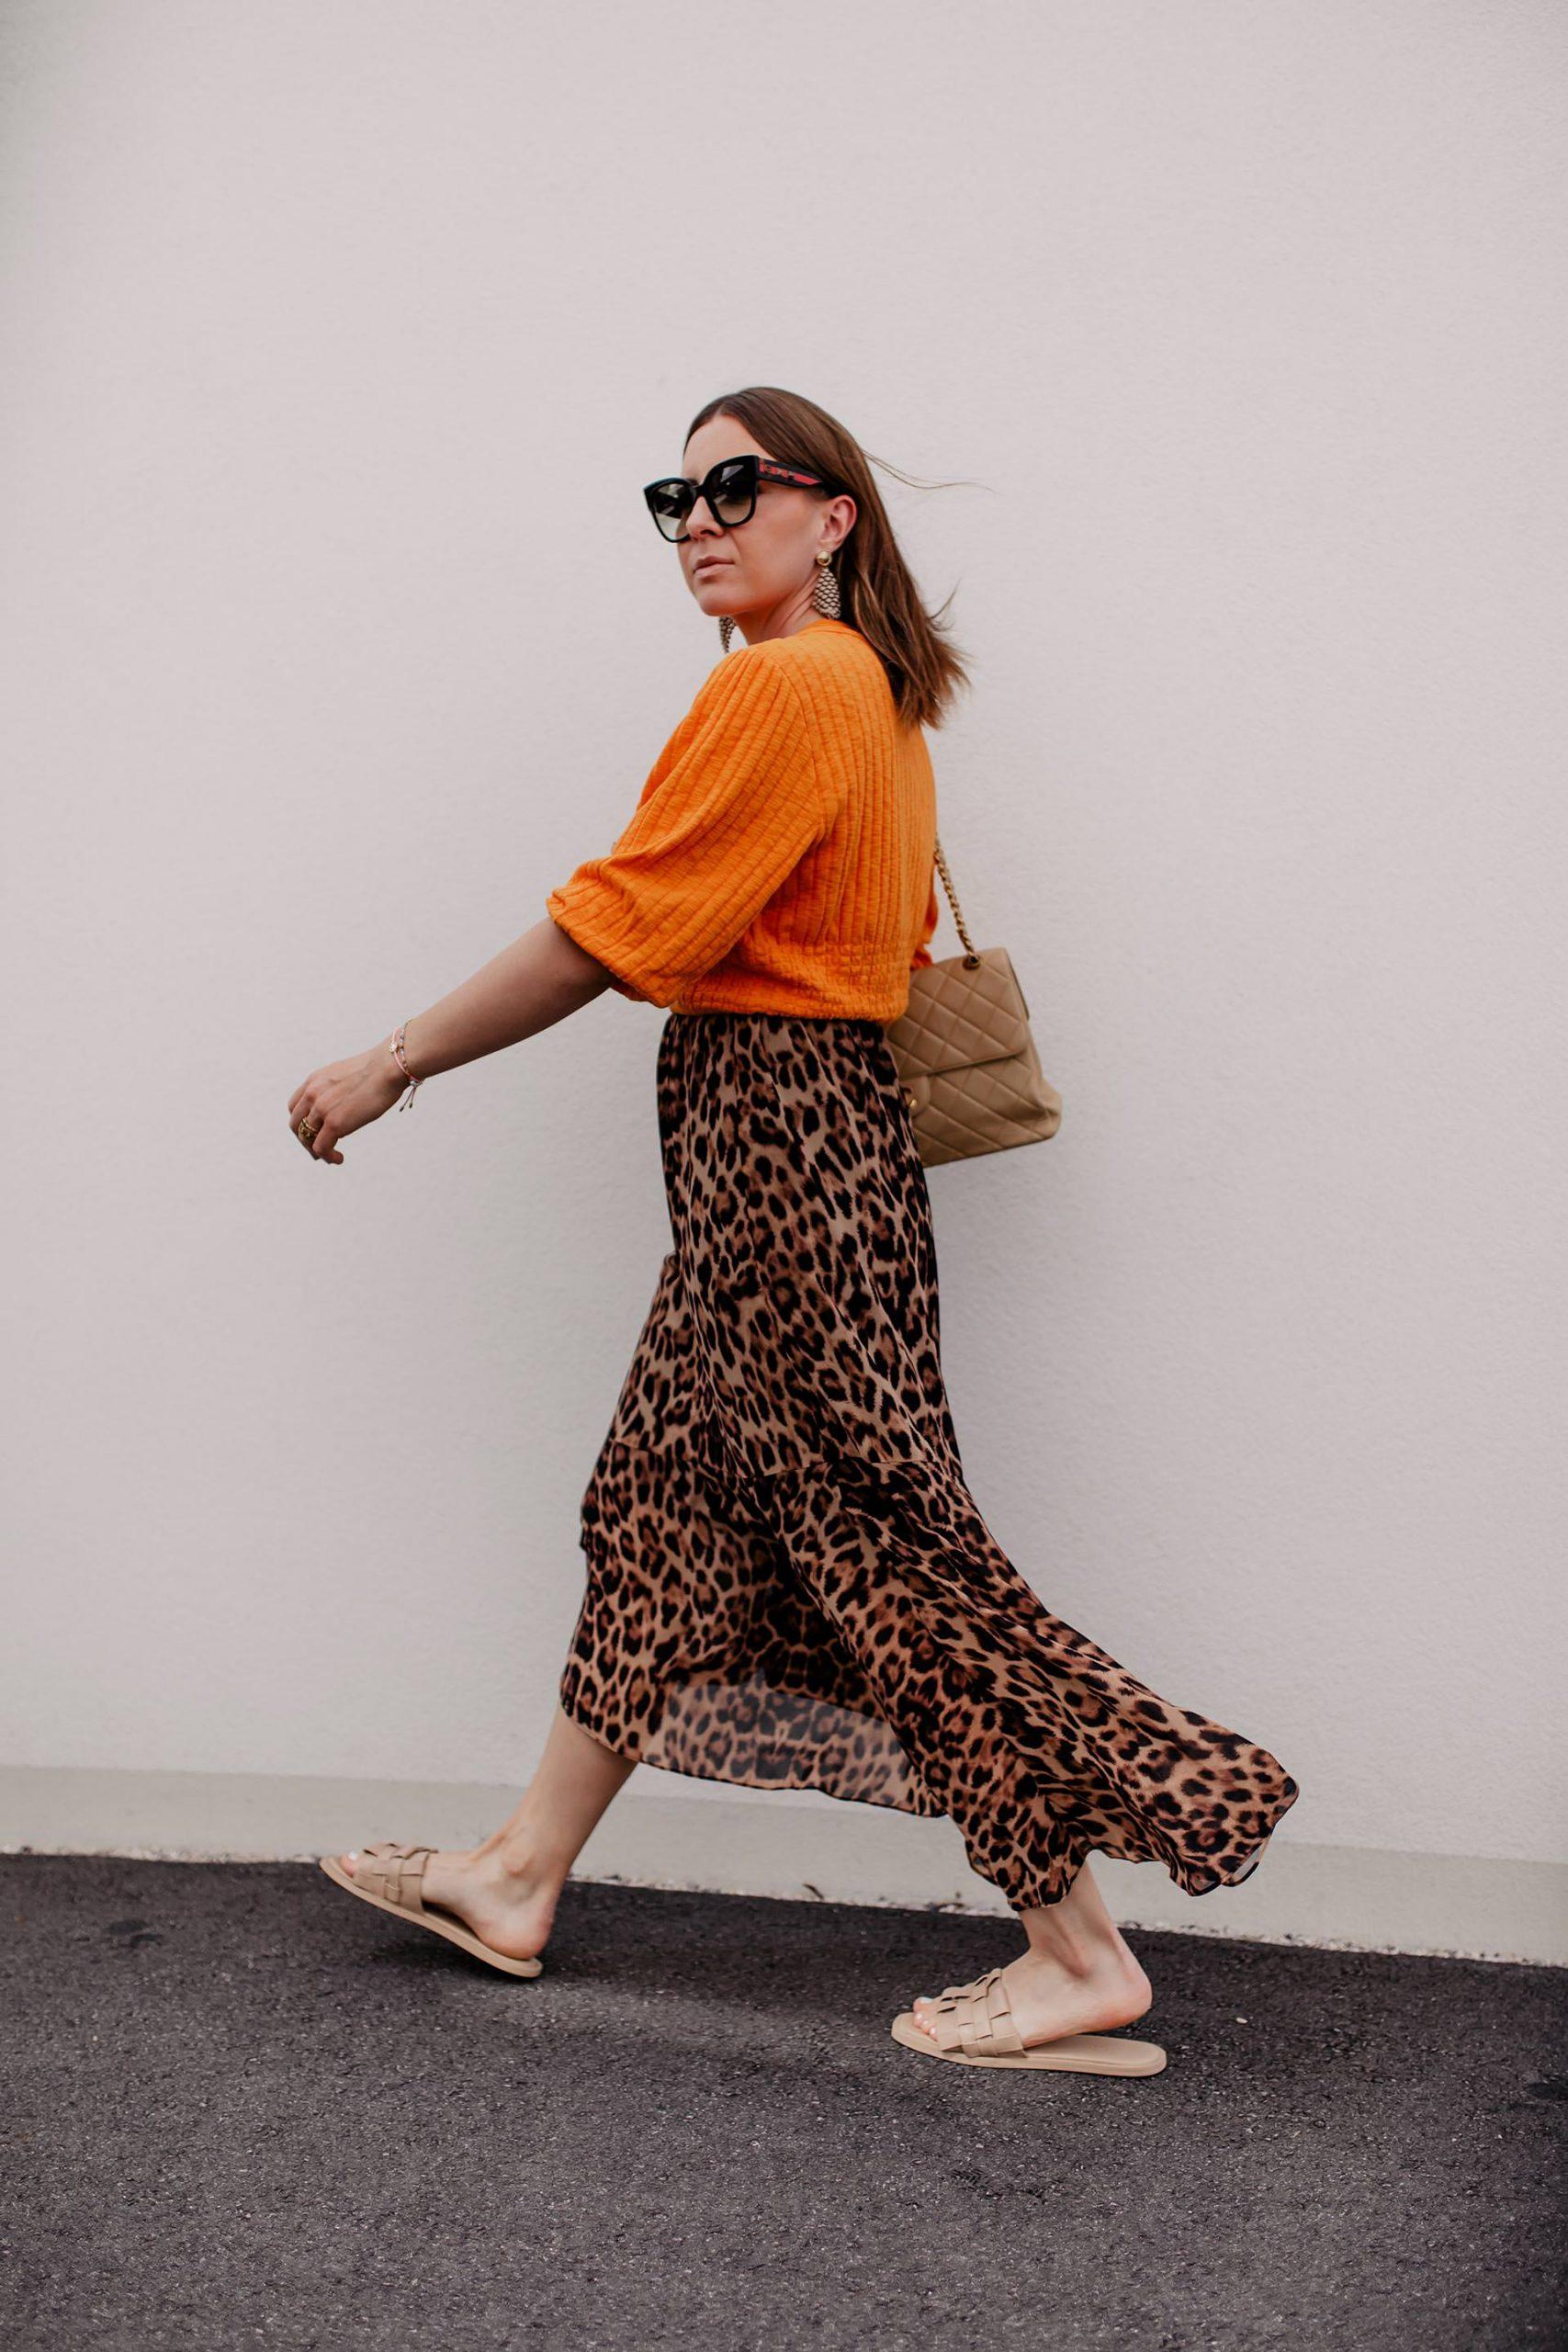 Wie ich Sommer Pantoletten am liebsten kombiniere und die besten Tipps, wo es aktuell die schönsten Modelle gibt, verrate ich dir heute hier auf meinem Fashionblog. www.whoismocca.com